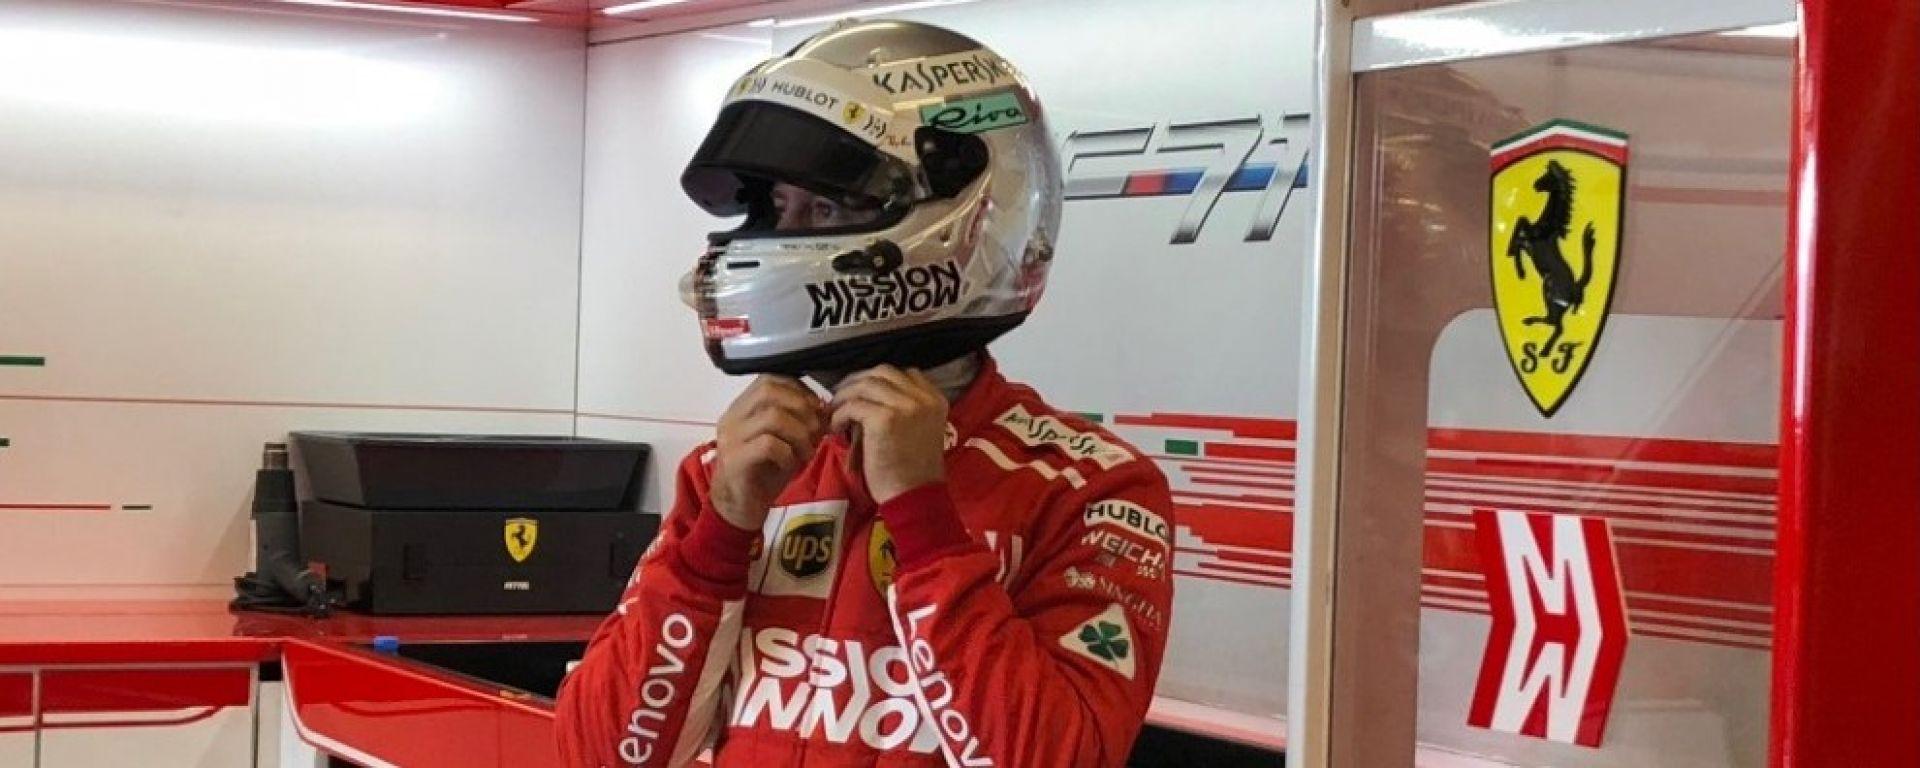 """GP Abu Dhabi, Vettel: """"Oggi non eravamo abbastanza veloci"""""""